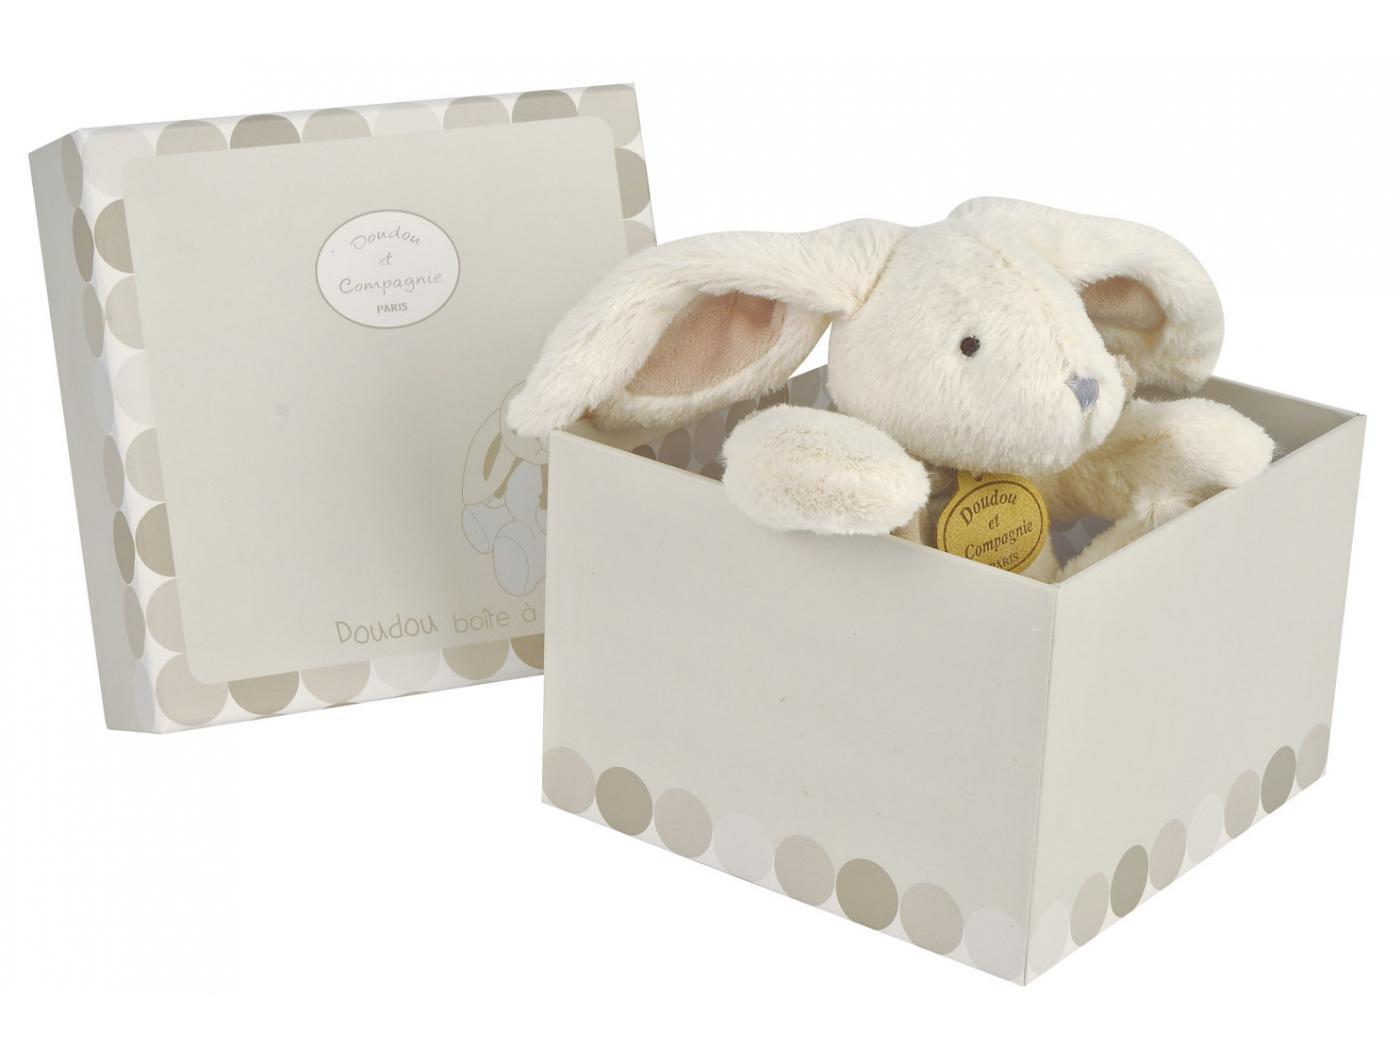 doudou et compagnie lapin bonbon bo te musique taupe b b livr en bo te cadeau 16 22 cm. Black Bedroom Furniture Sets. Home Design Ideas